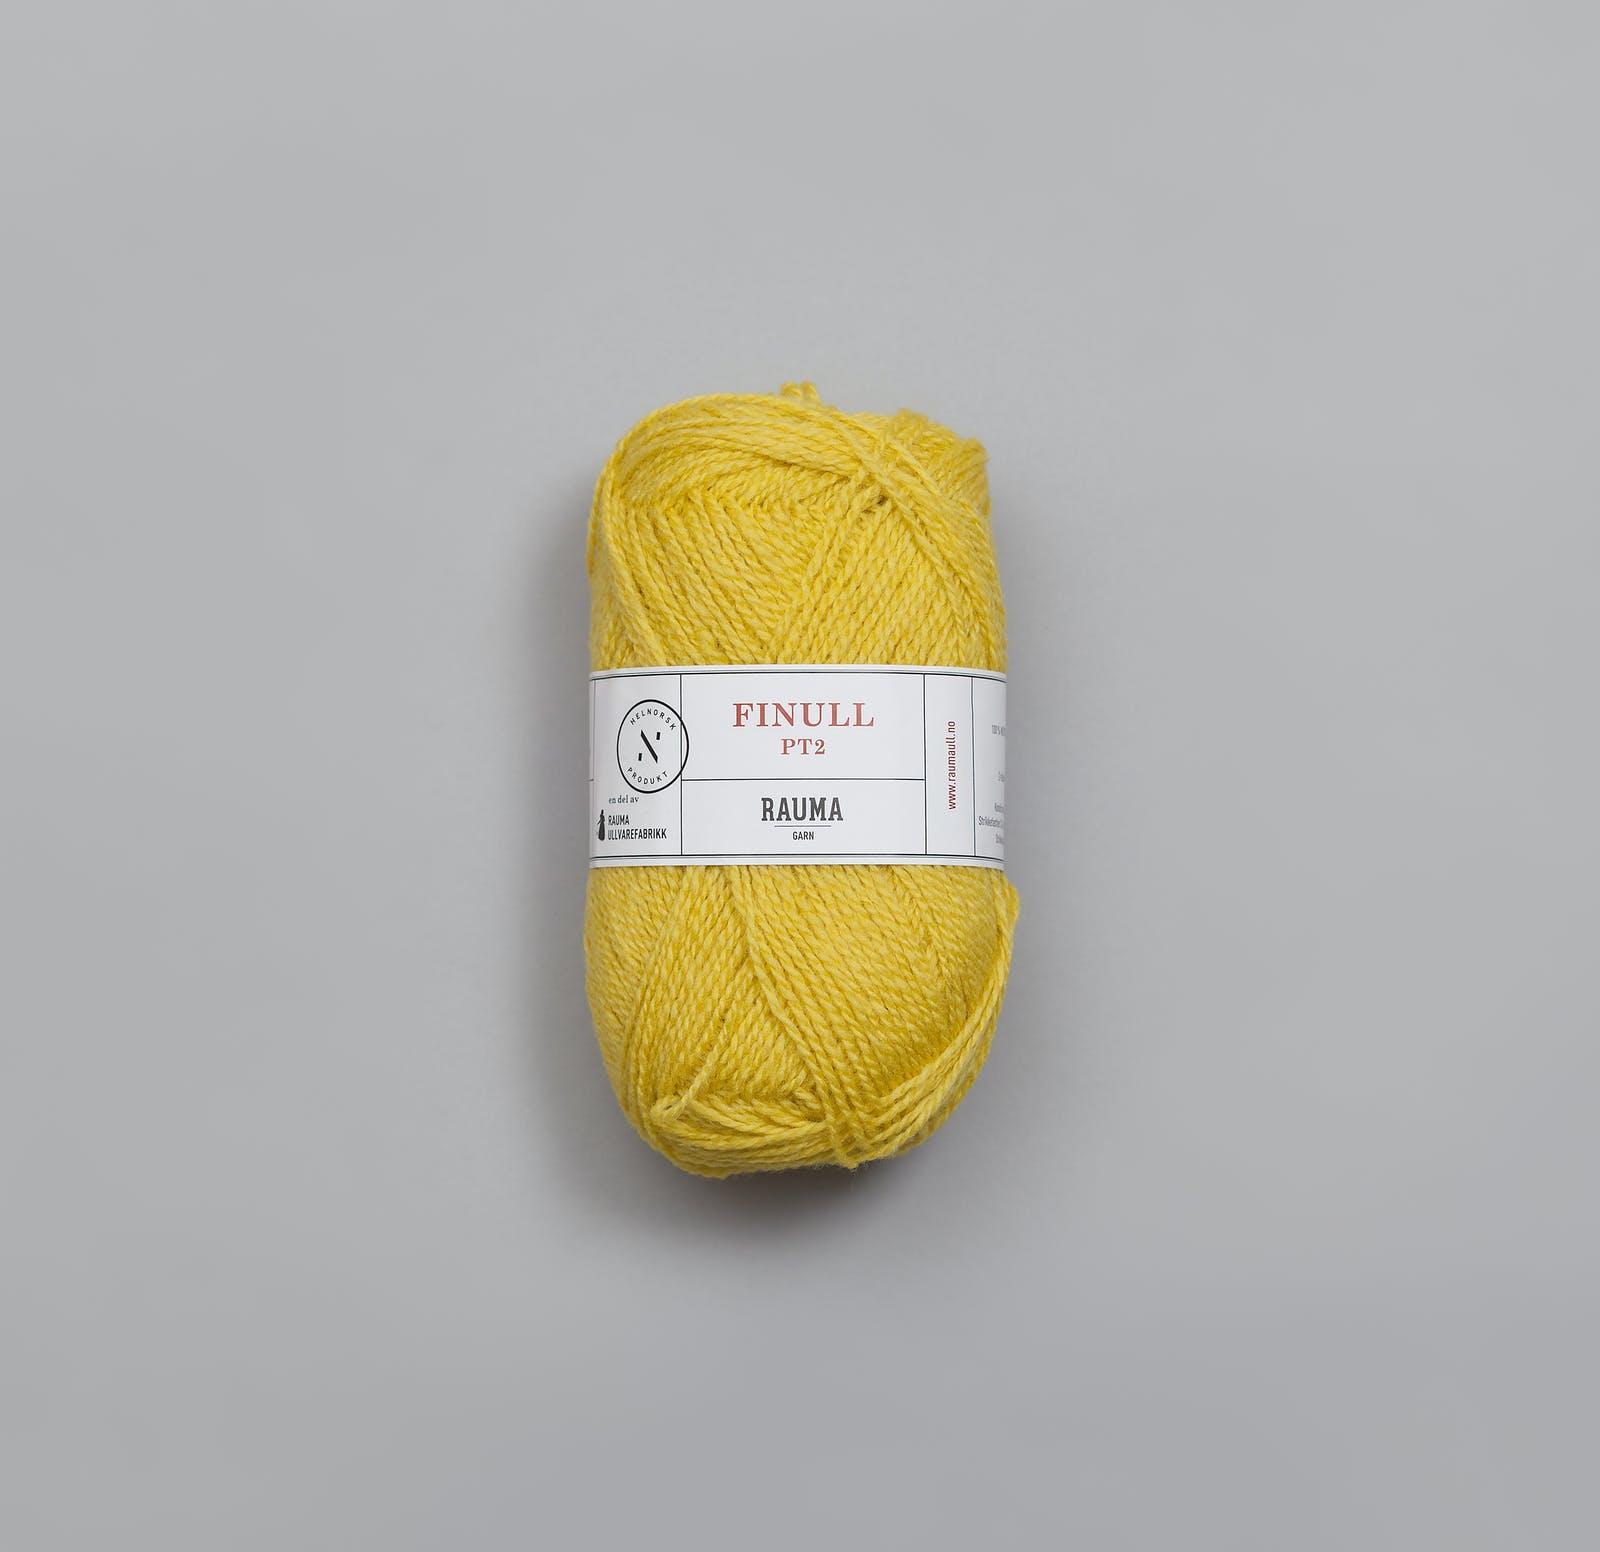 Rauma Finull-PT2-4405